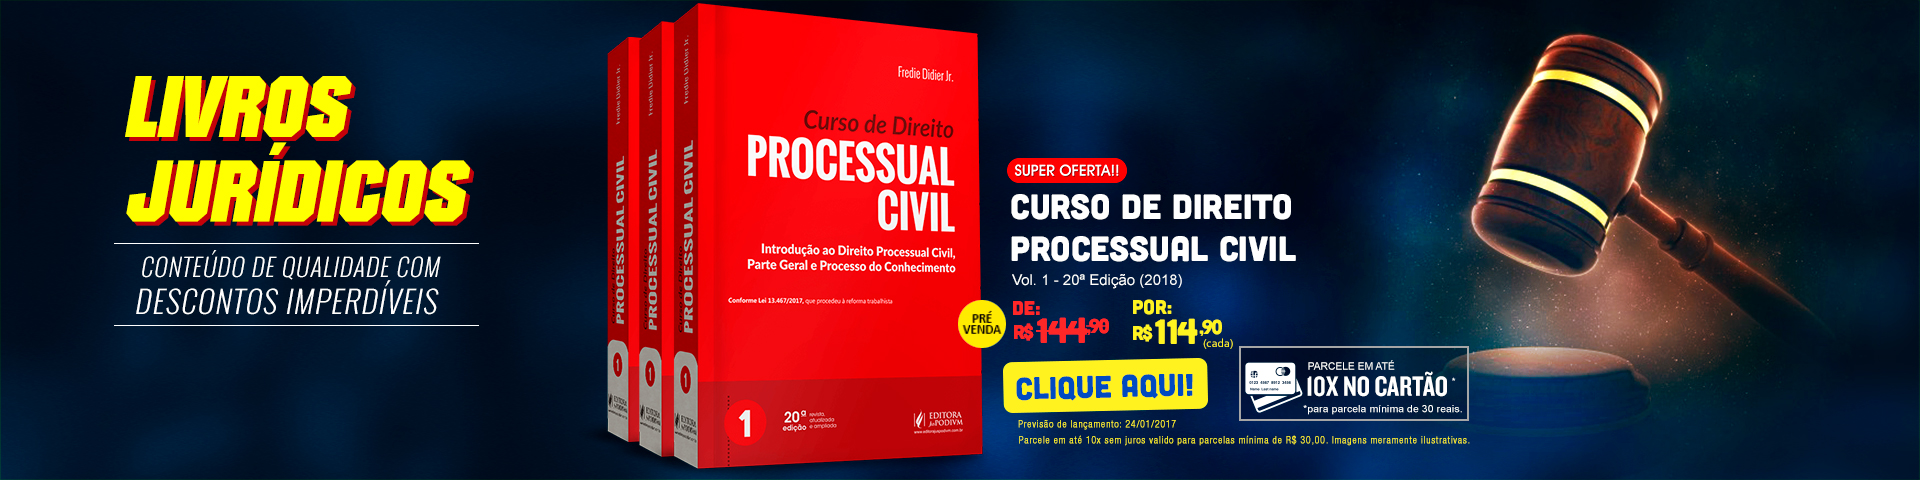 Livros Jurídicos - Curso de Direito Processual Civil